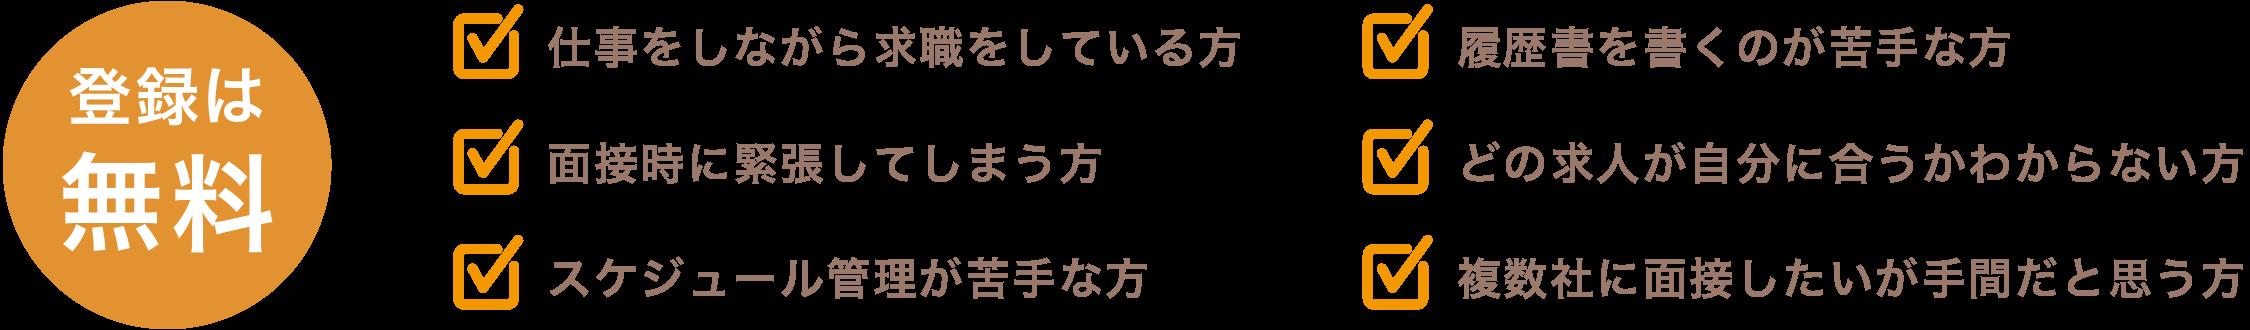 旭川介護ドットコムはこんなあなたにおすすめ